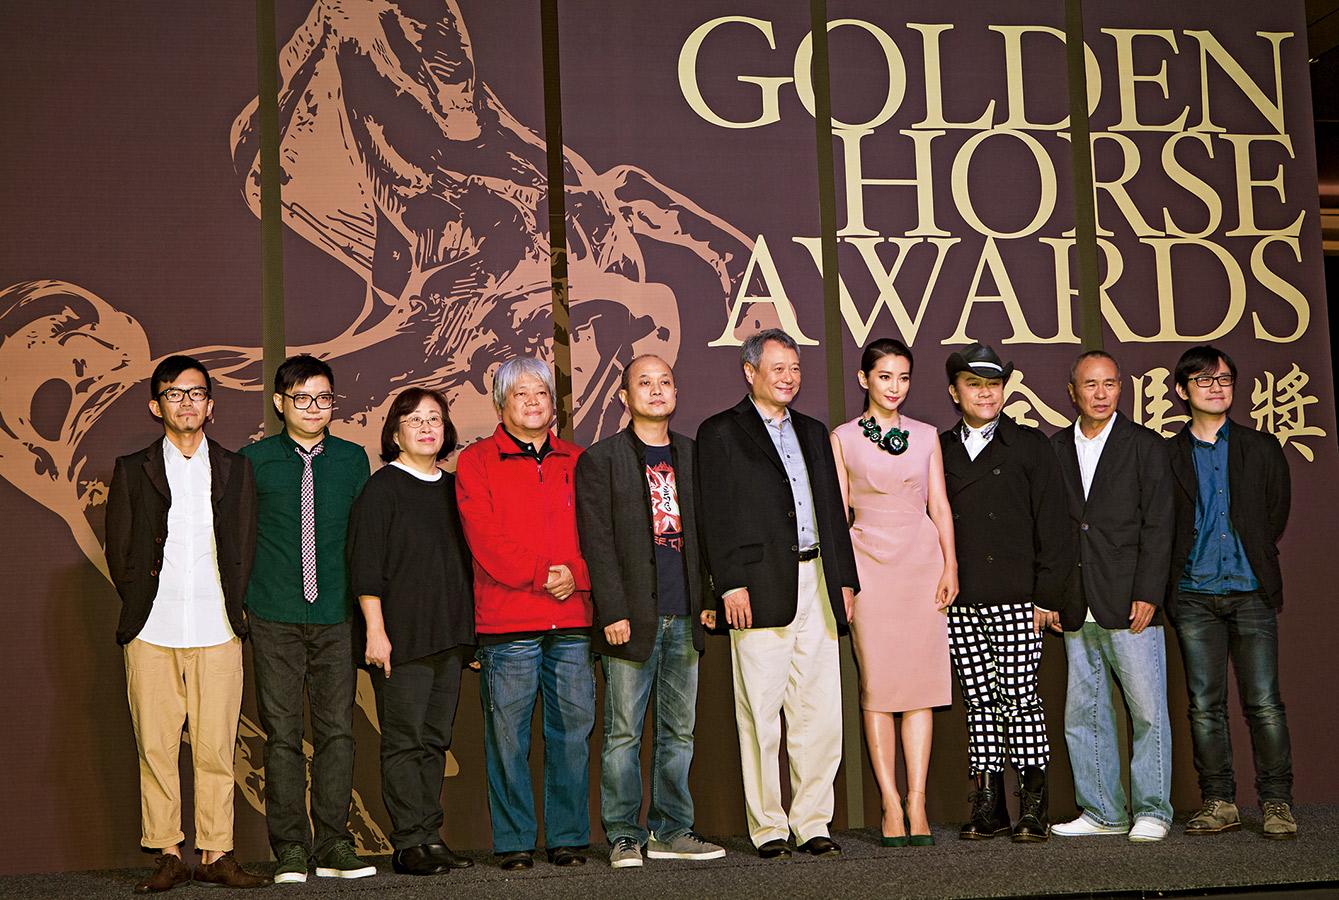 金馬獎評審團制度嚴謹,今年由李安導演出任評審團主席,進行為期10天的「入闈」審片工作。